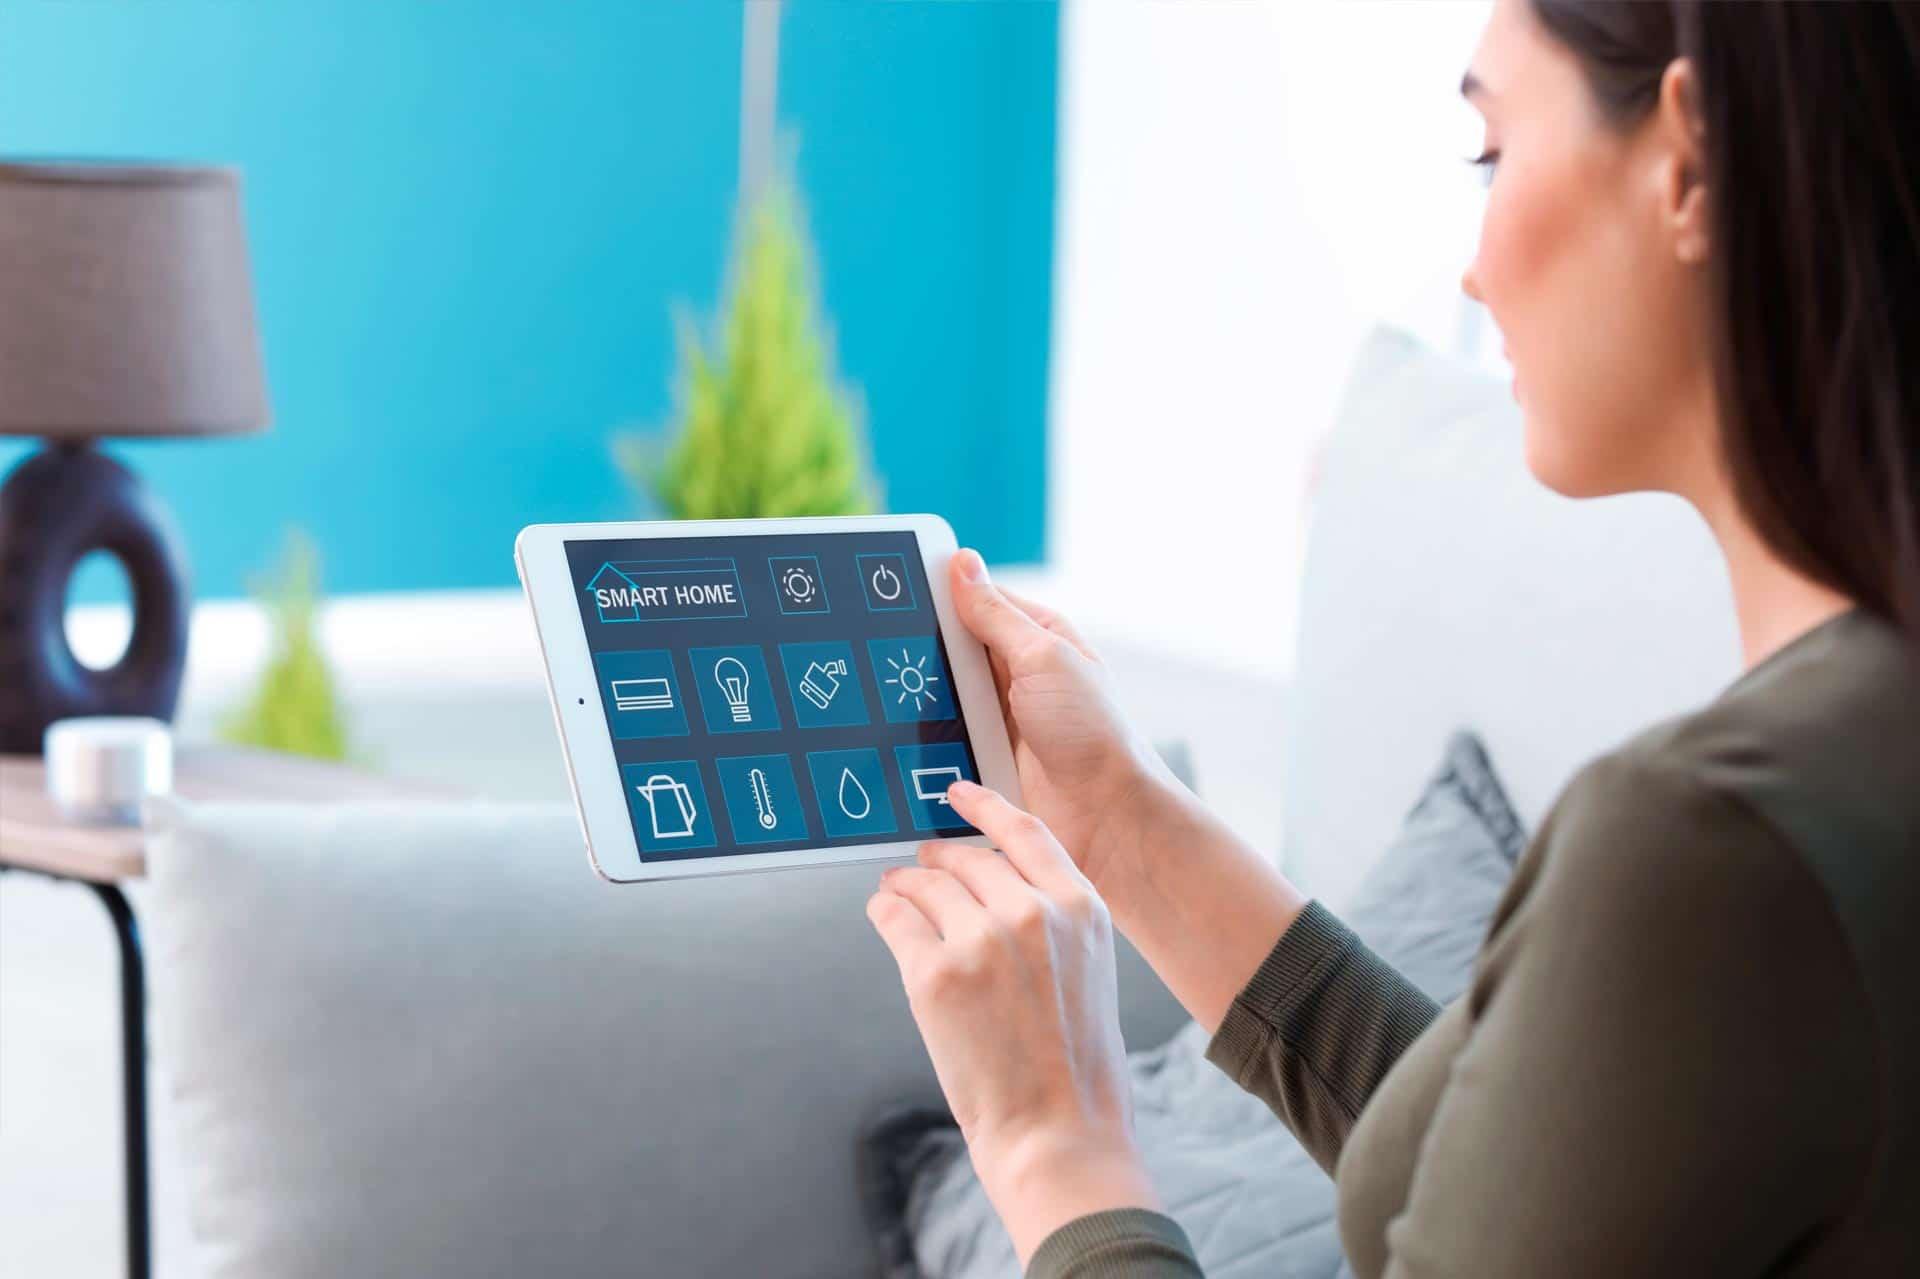 Domotica: vrouw regelt elektronica in huis via haar iPad